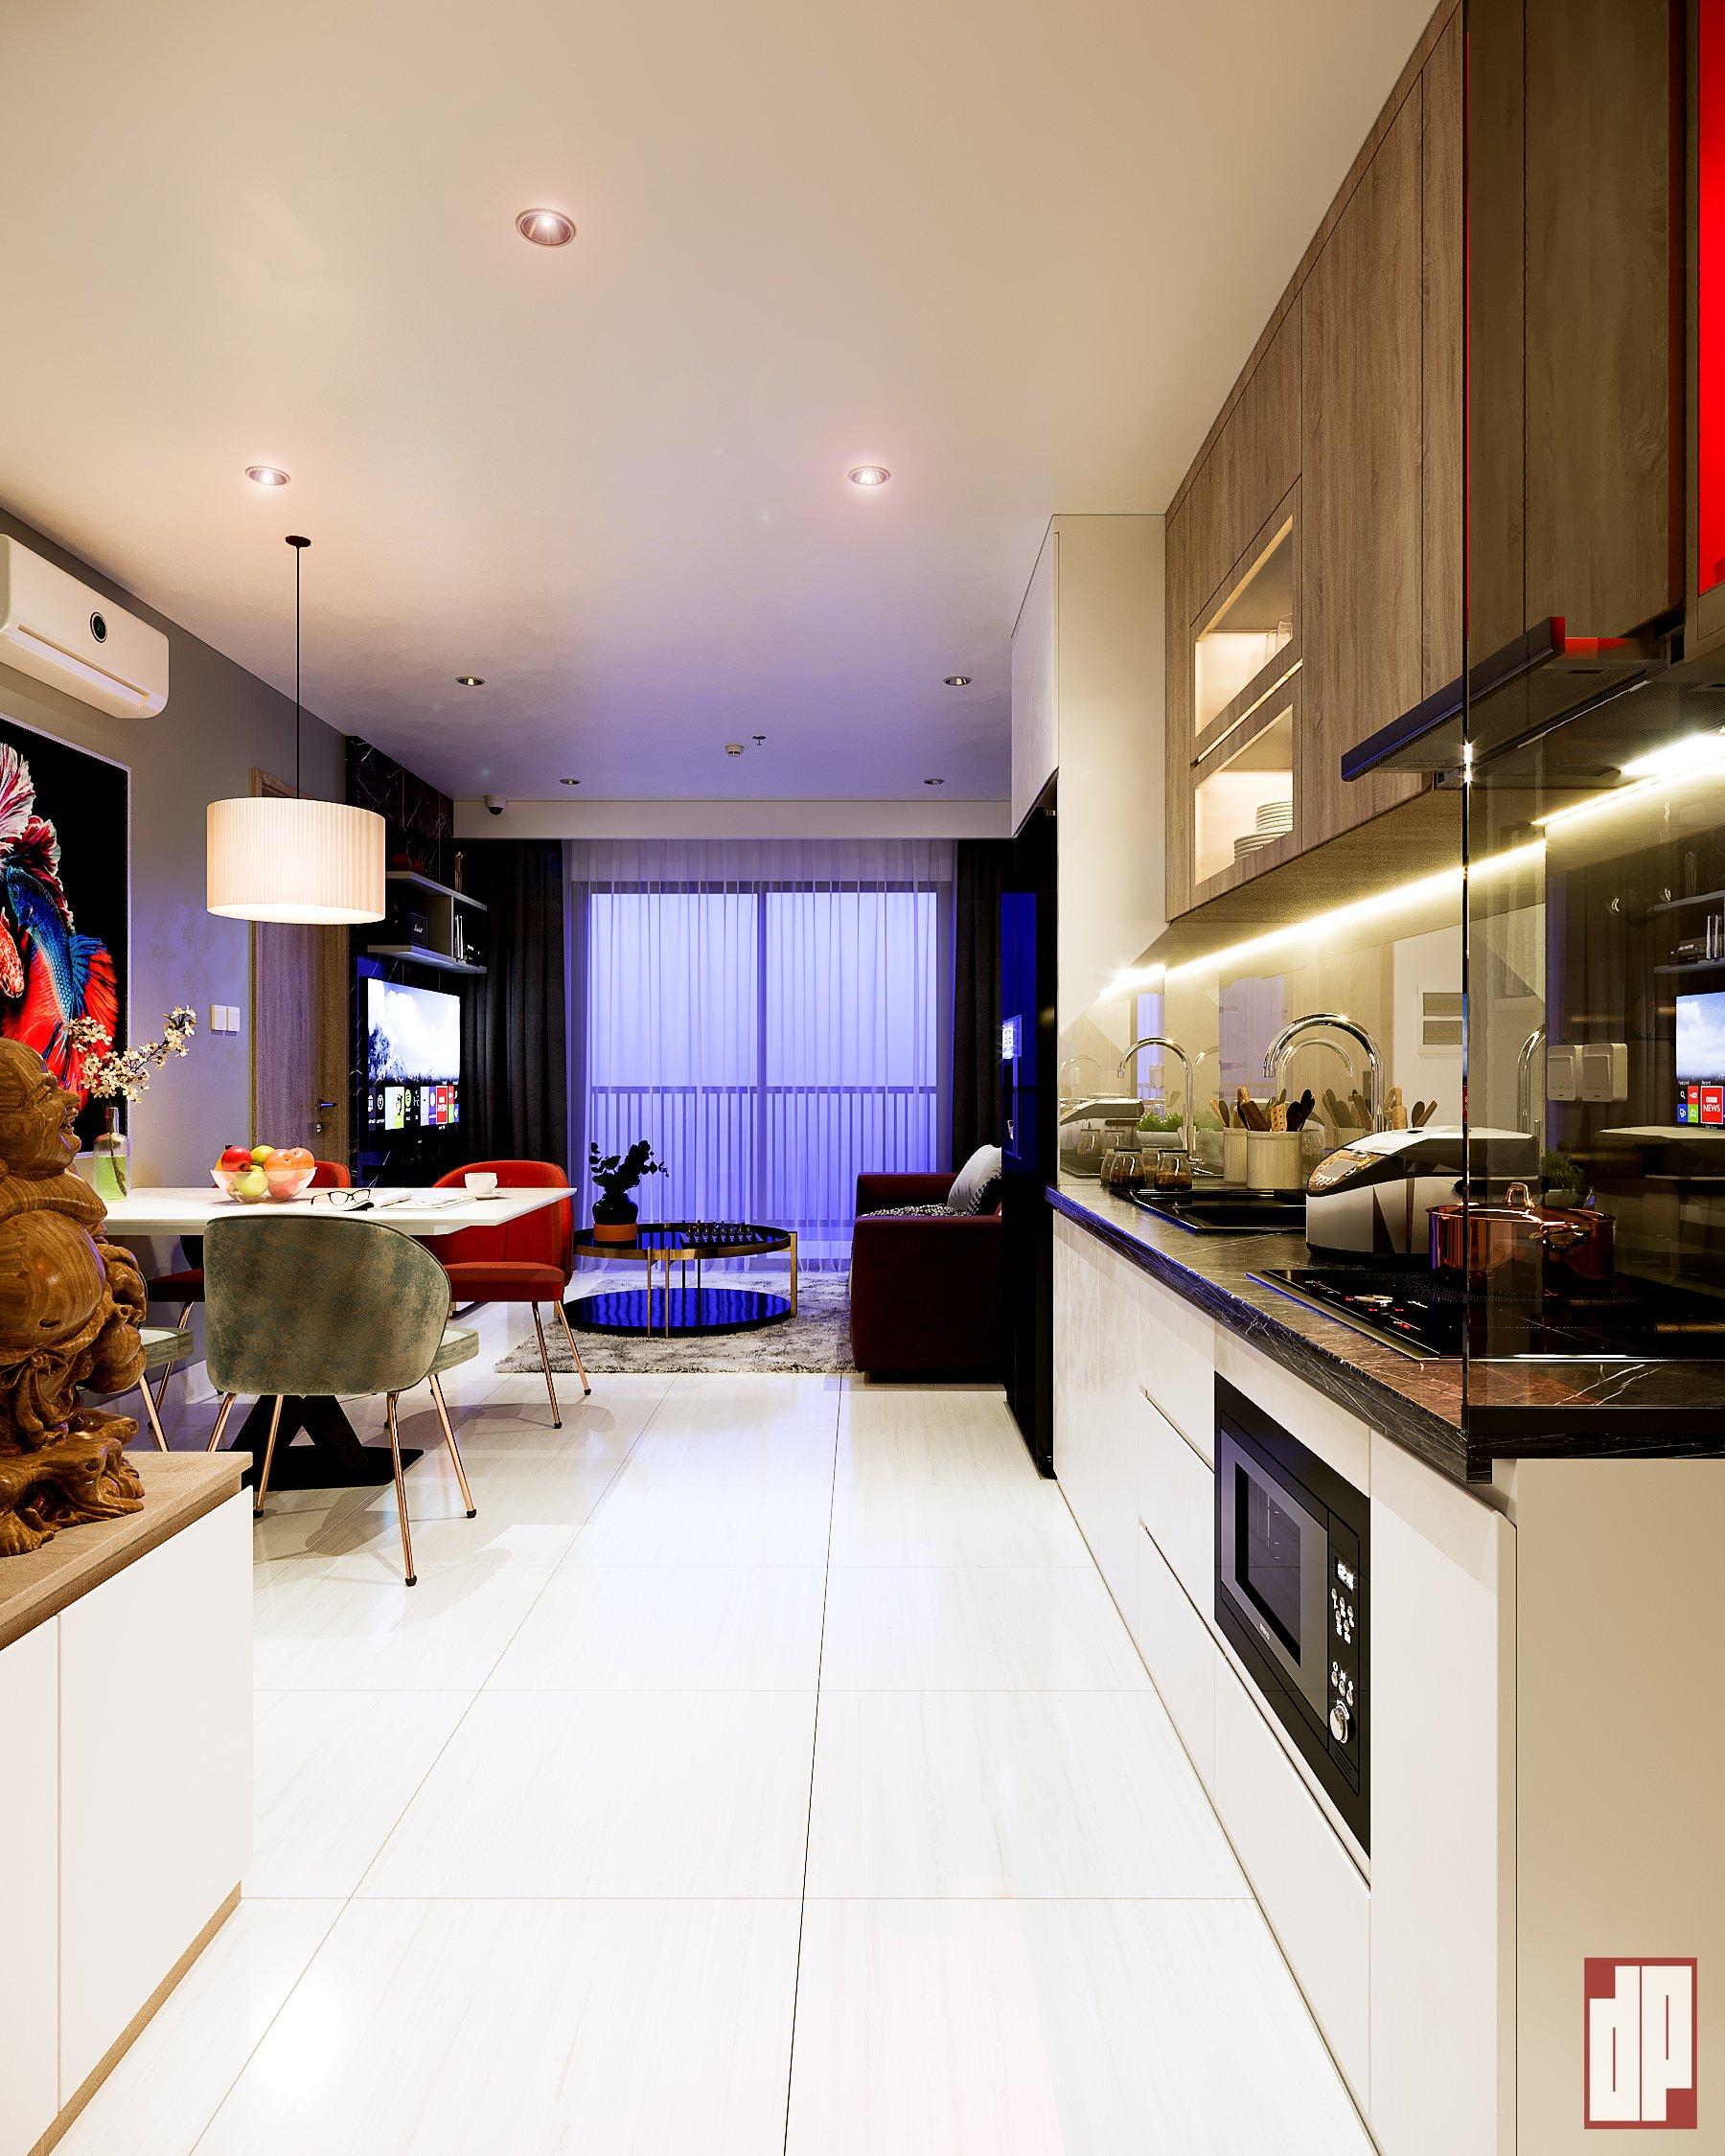 Thiết kế nội thất Chung Cư tại Hồ Chí Minh CHUNG CU VINHOME CENTRAL PARK-Q9 1630423857 0